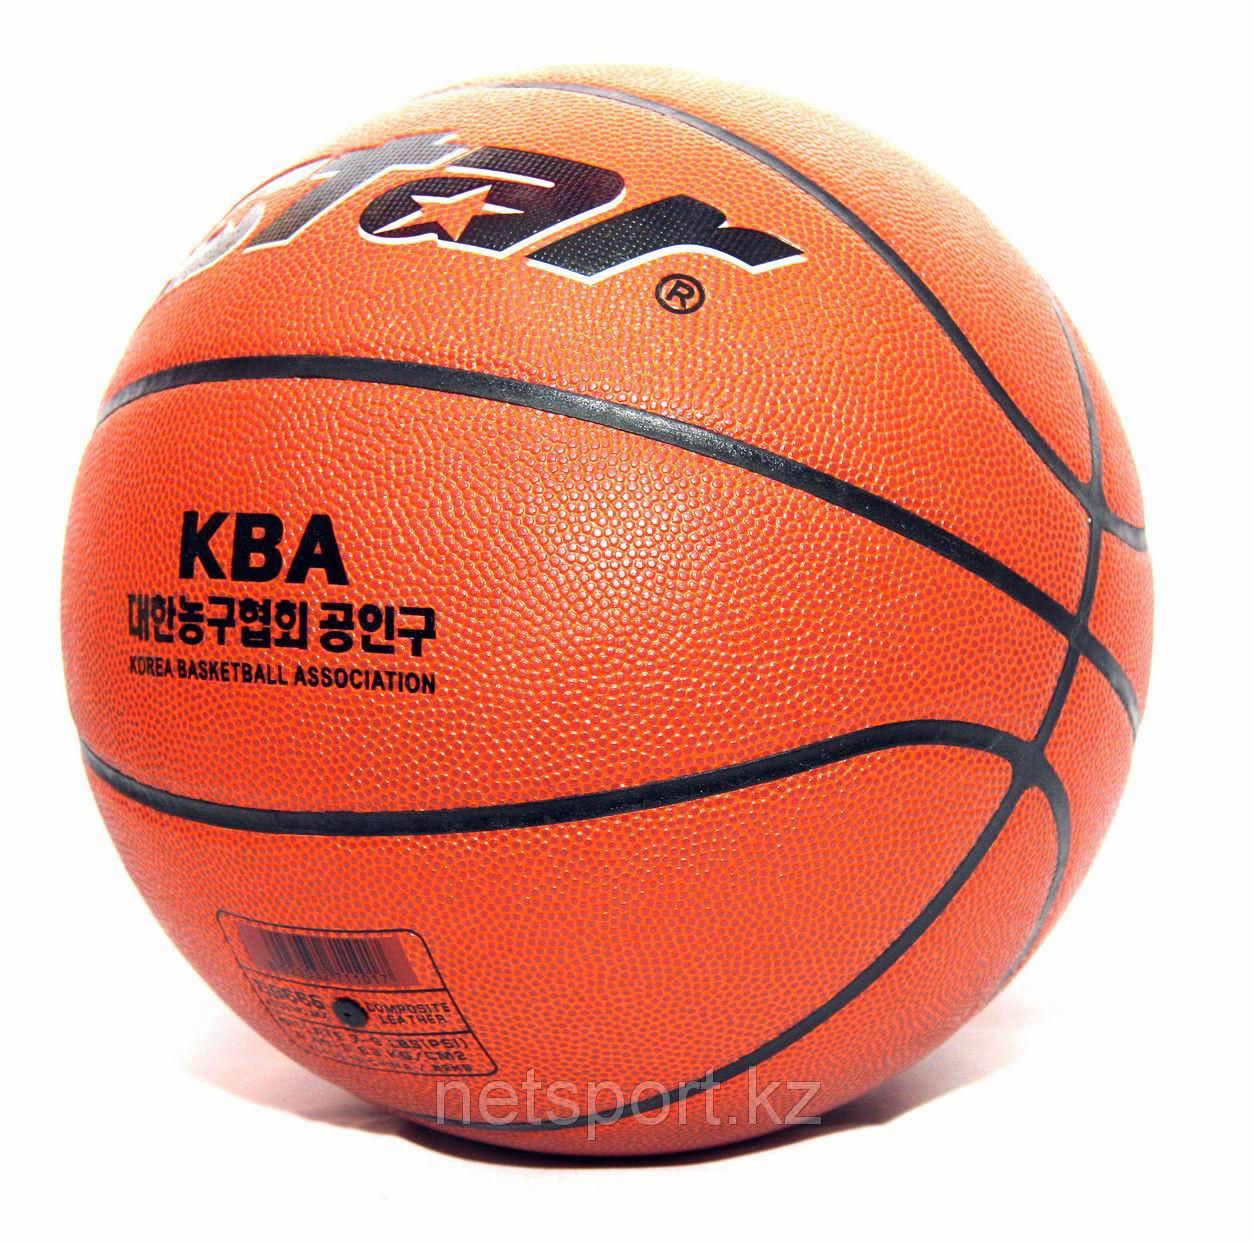 Баскетбольный мяч Star LEGEND